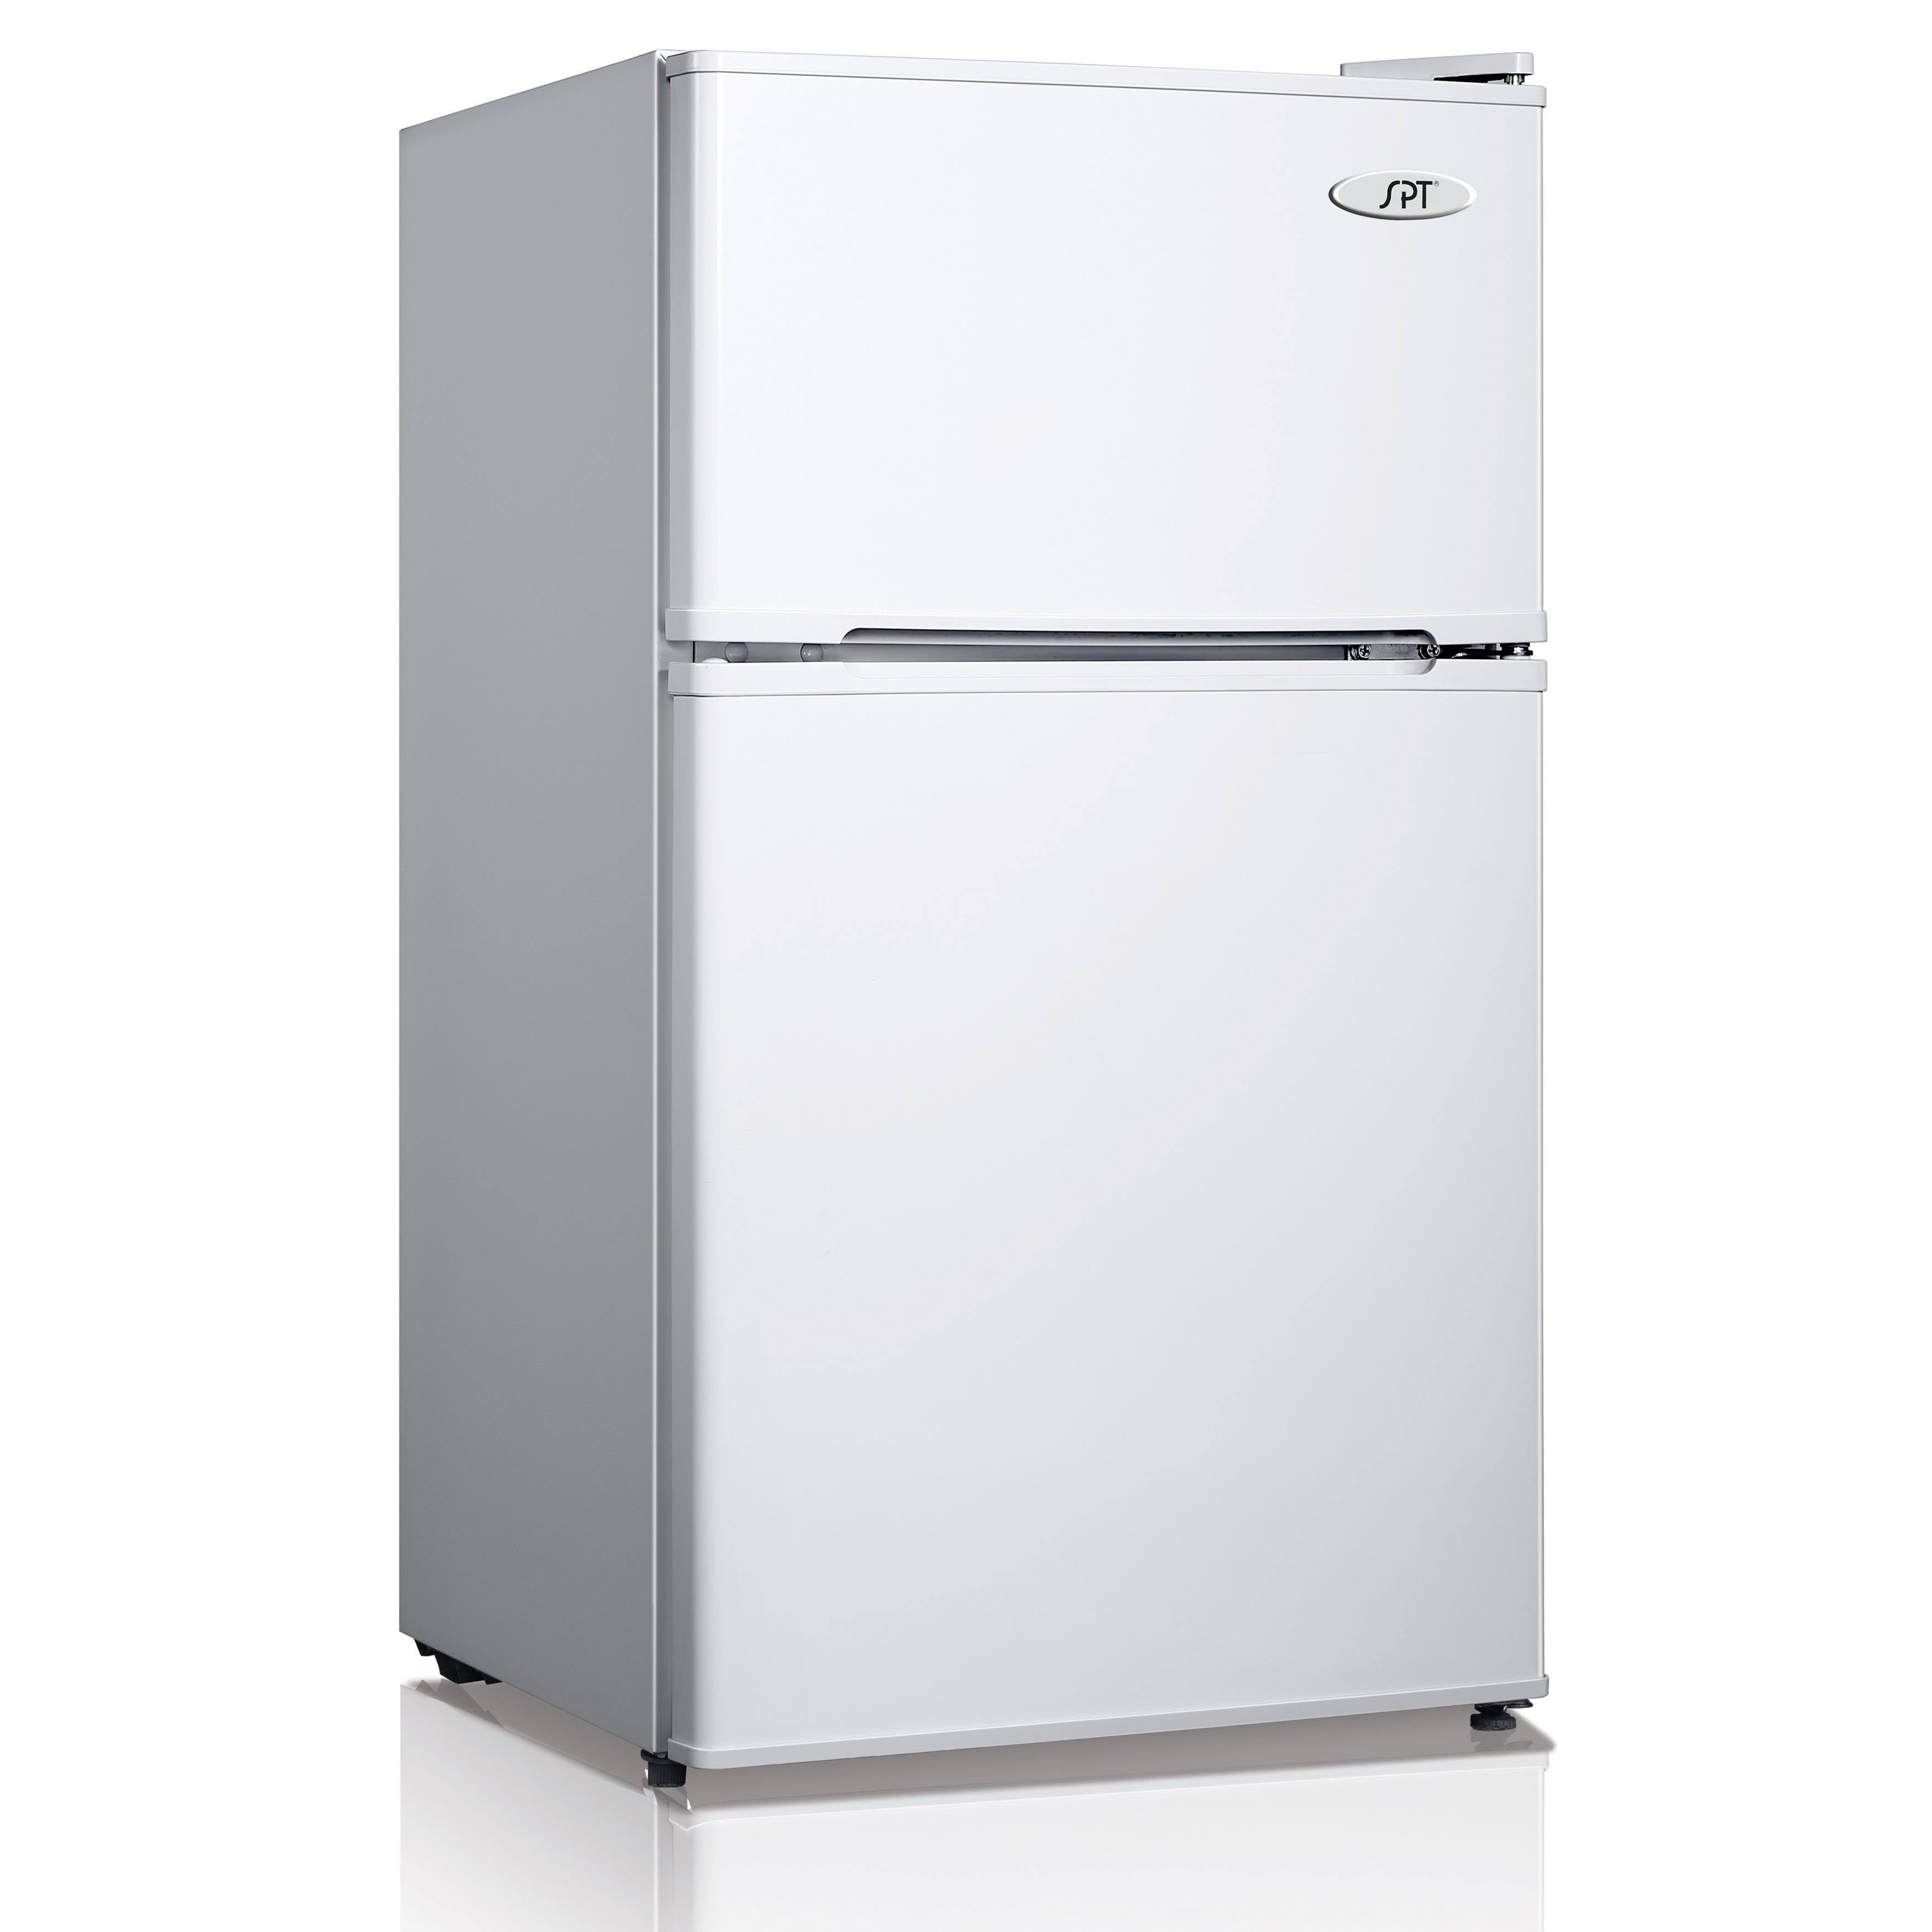 SPT Energy Star 3.5 Cubic Foot Double Door Refrigerator i...